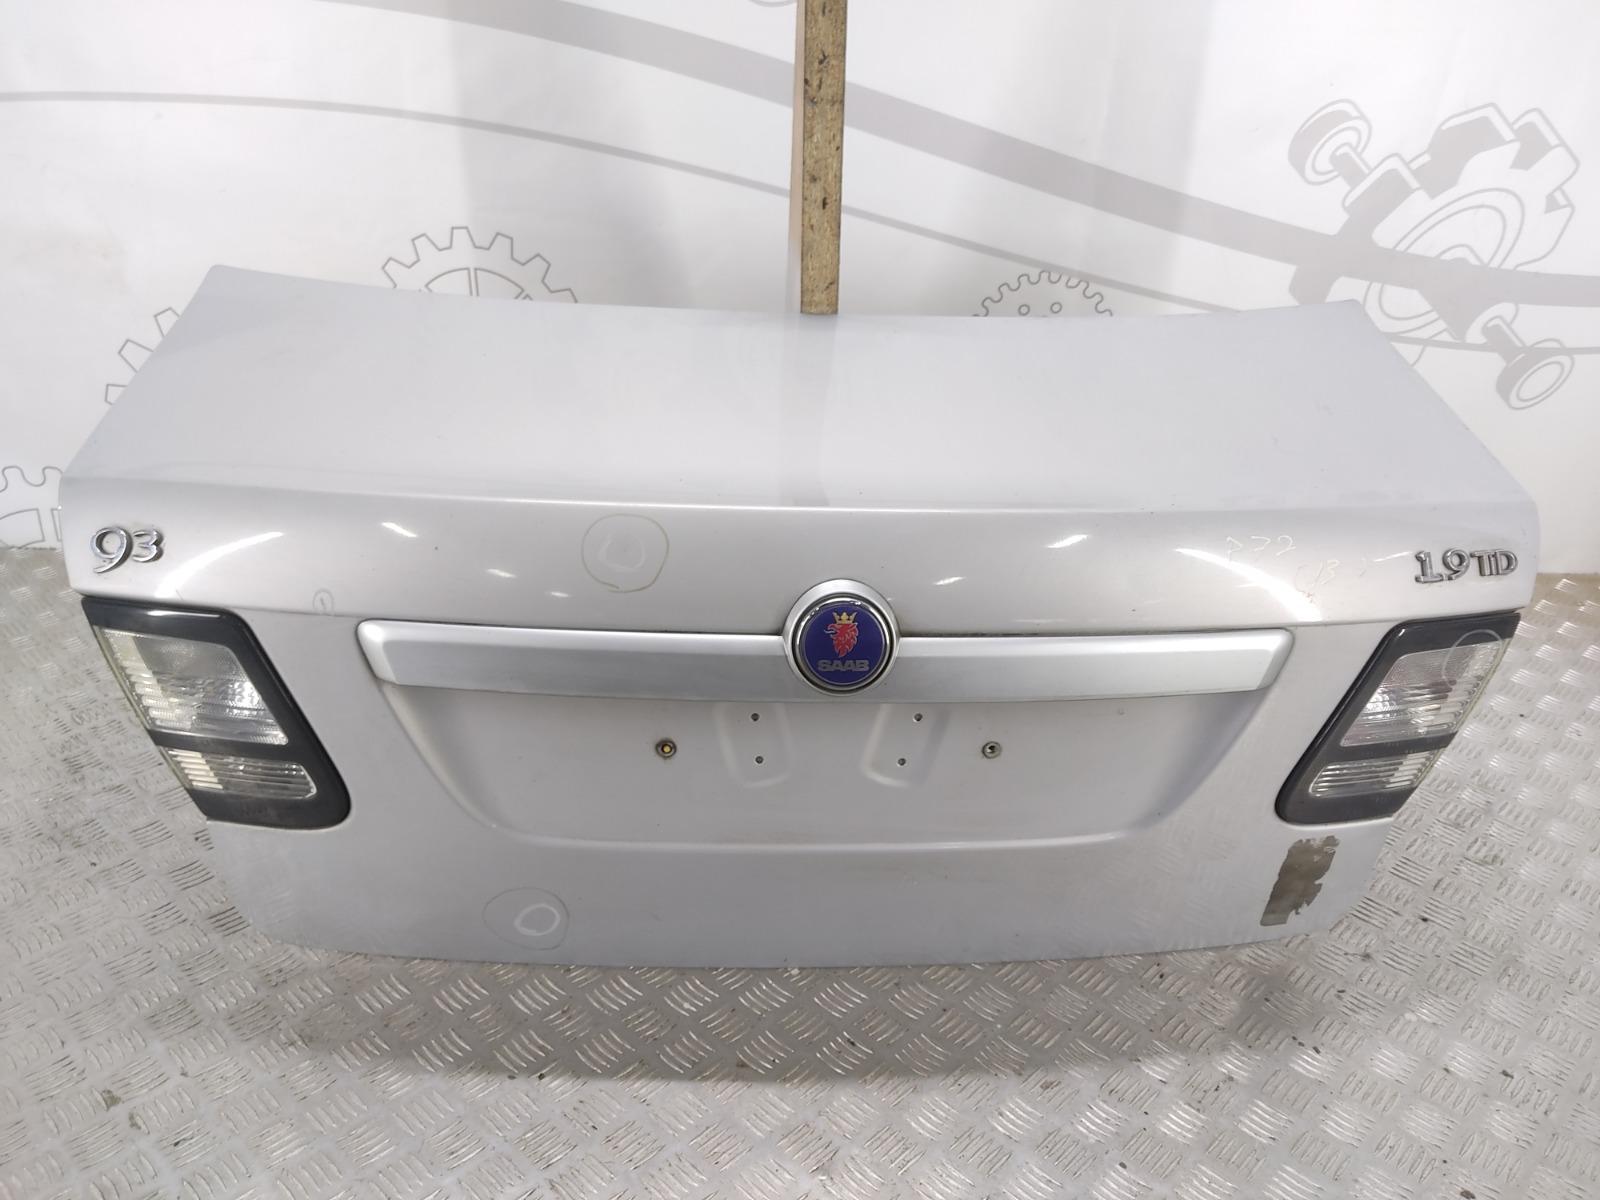 Крышка багажника (дверь 3-5) Saab 9-3 1.9 TID 2008 (б/у)